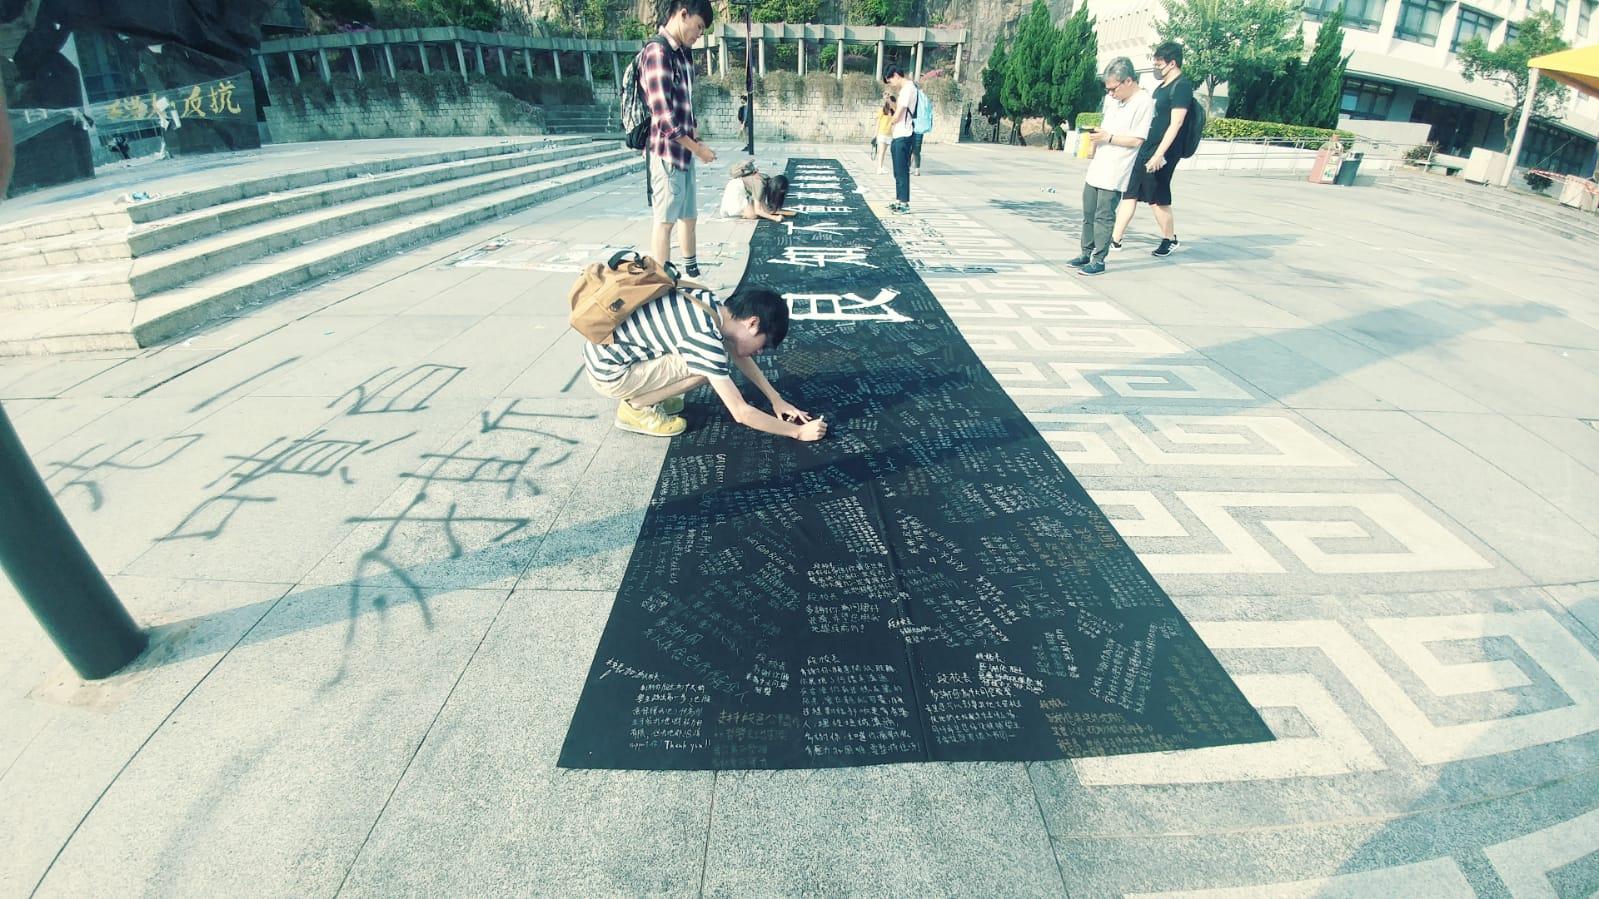 多名學生在一幅巨型橫額上,寫下對校長的心聲。